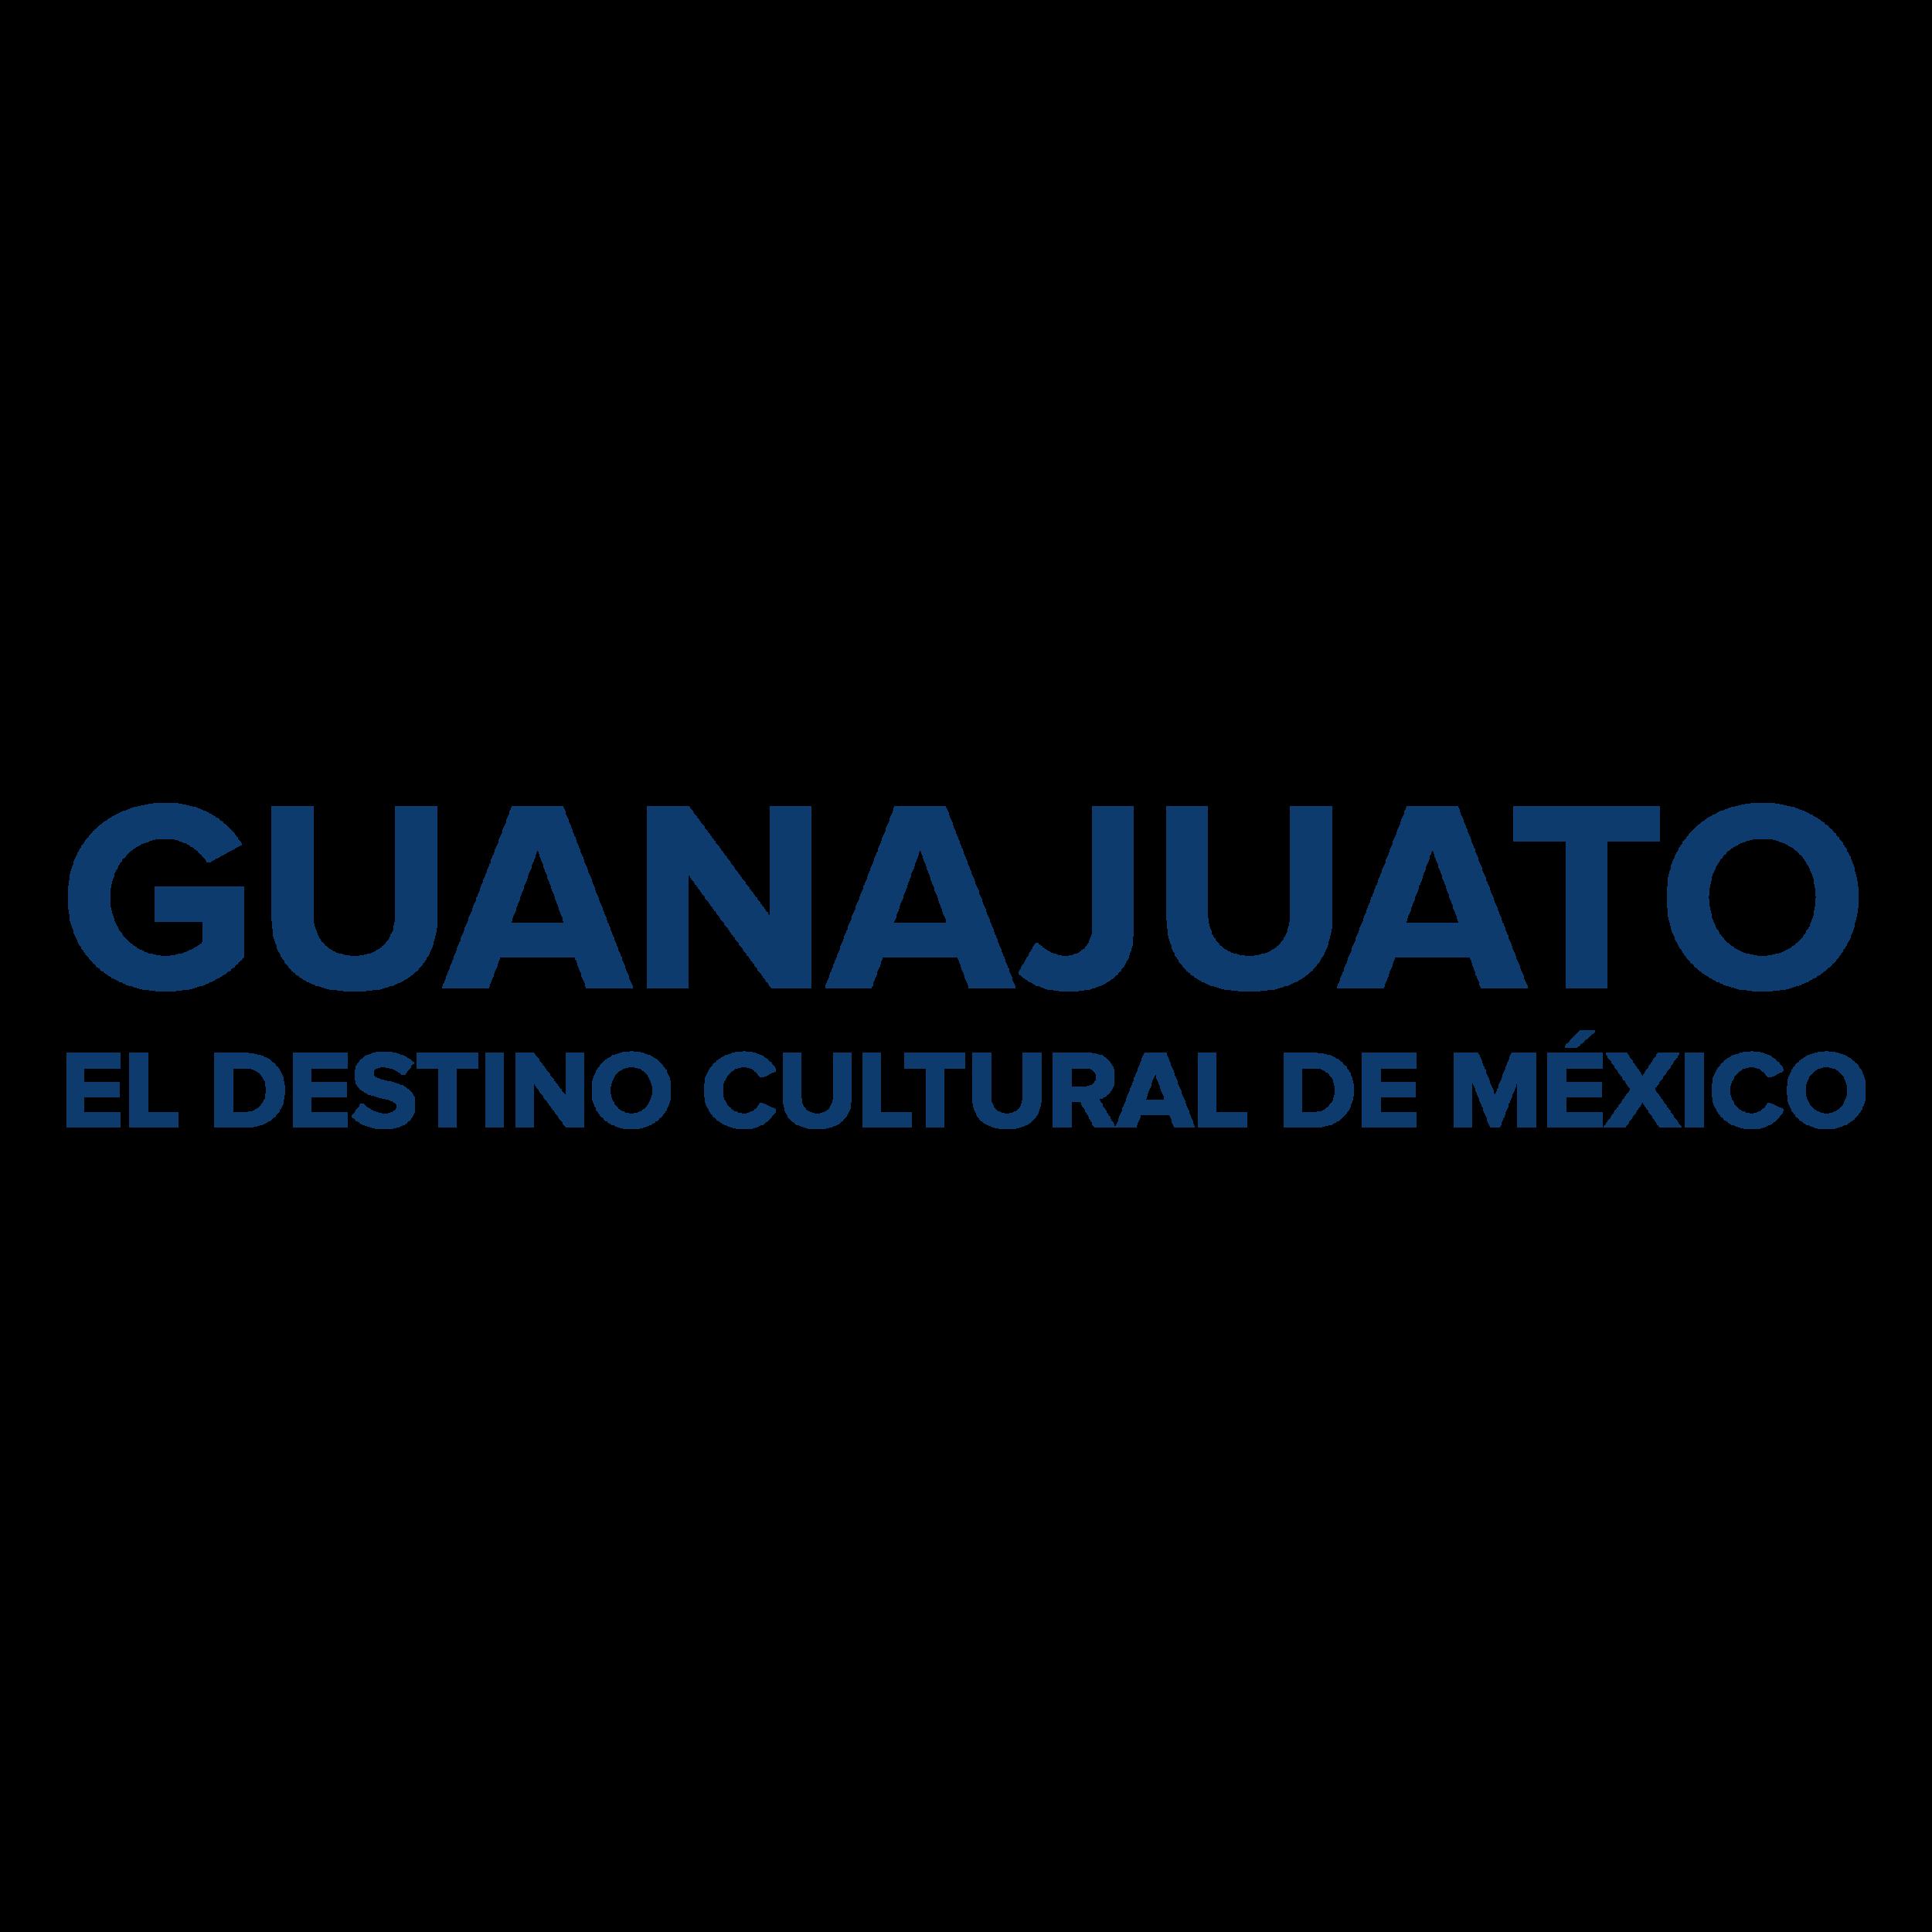 LOGO WEB GUANAJUATO.png